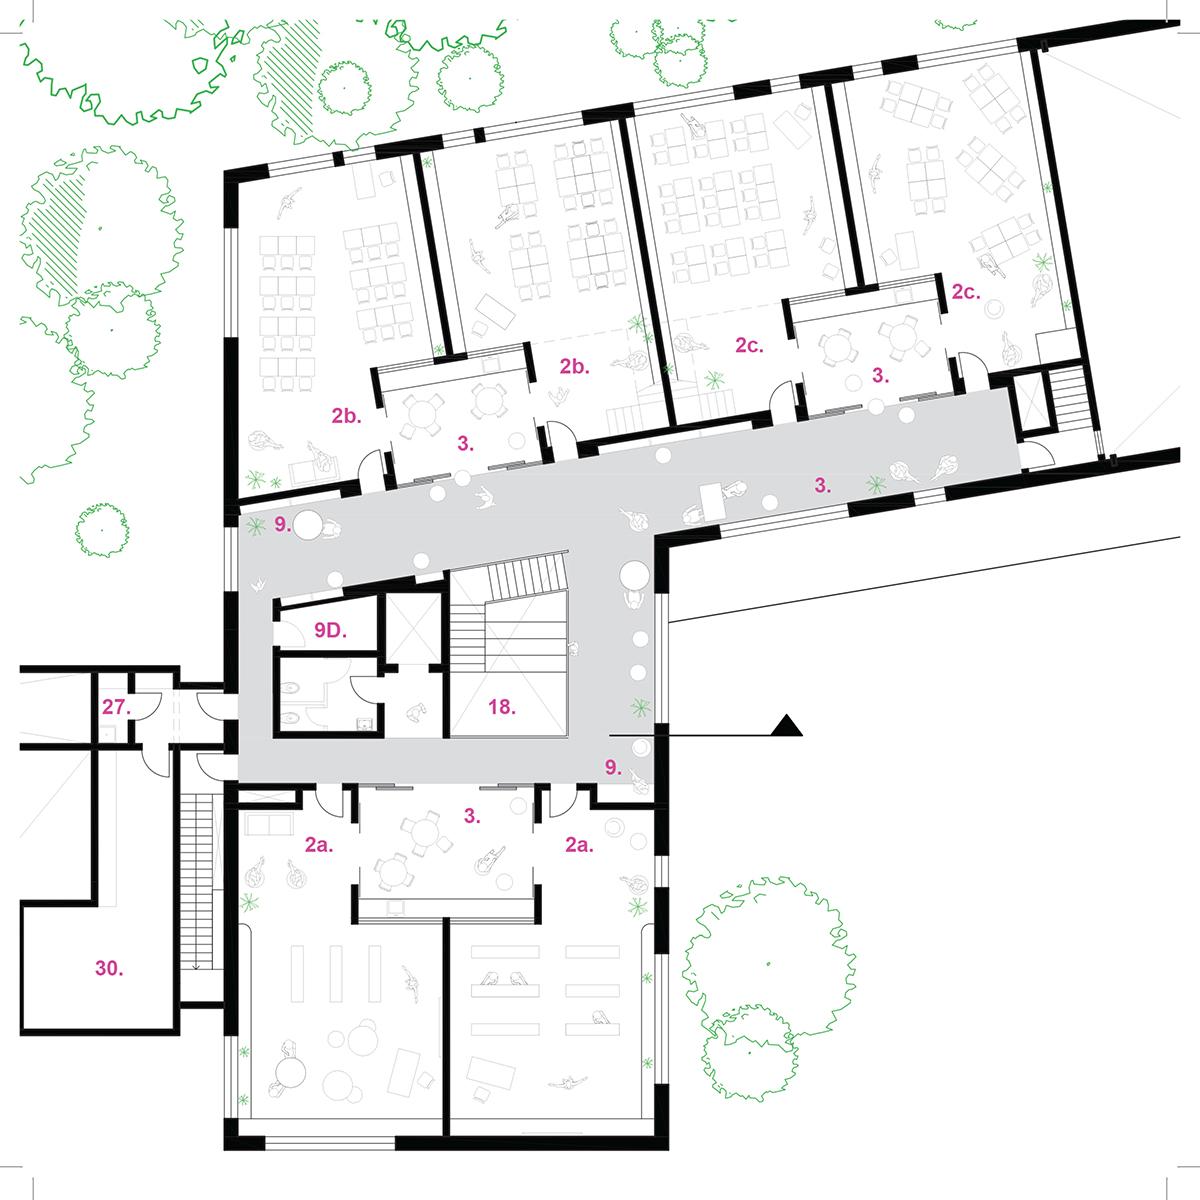 Plan d'une salle de classe par Lucie Paquet et Paulette Taillefer et Leclerc Architectes, pour le concours du Lab-École à Maskinongé, présenté dans le cadre de l'exposition «Devoirs d'architecture».